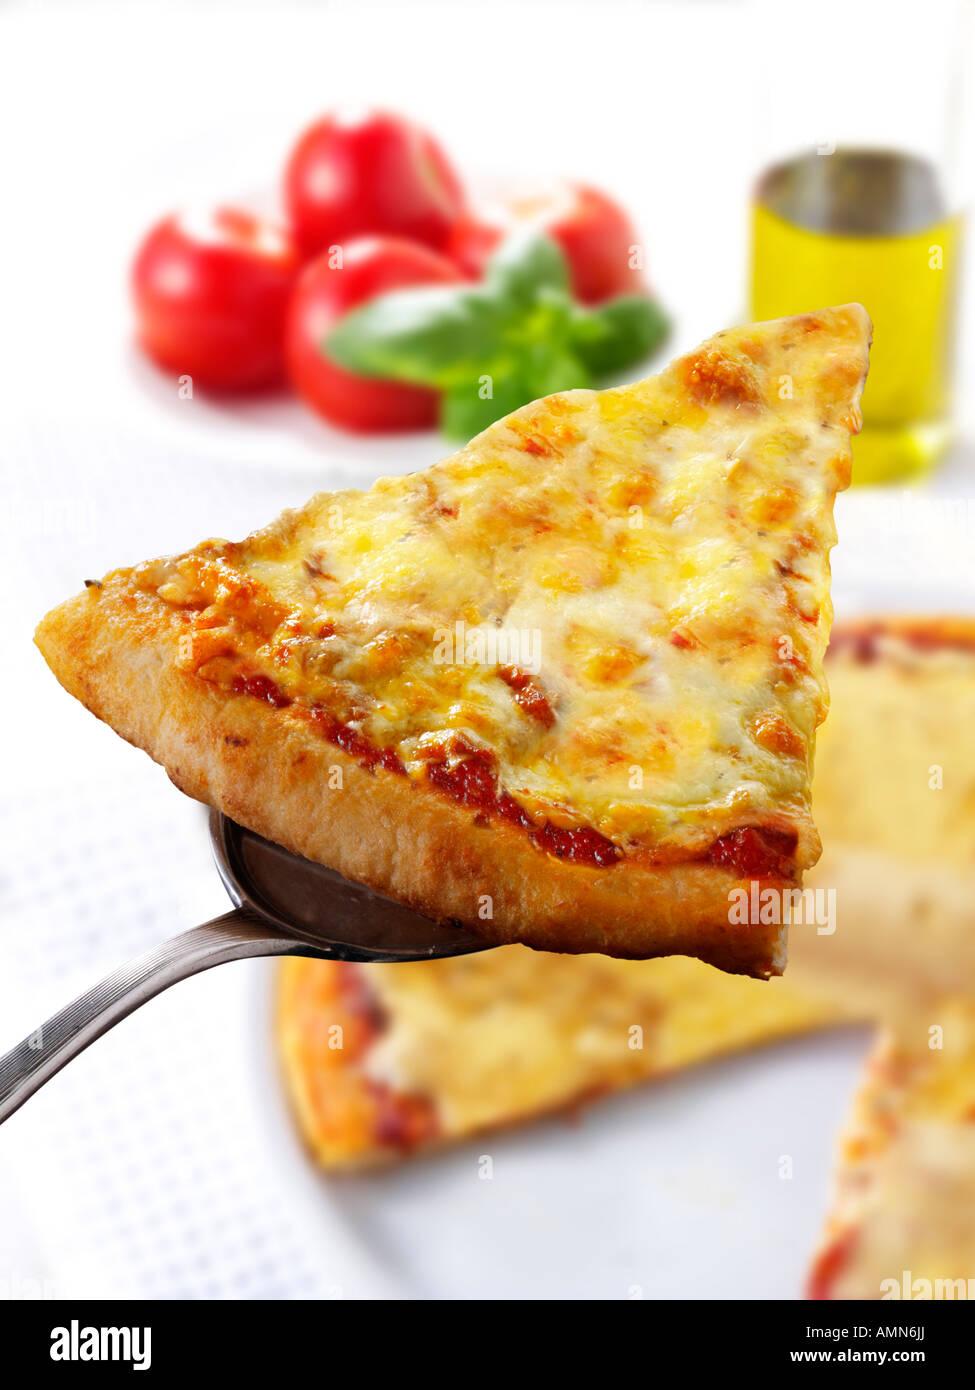 Rematado con slice de Pizza 3 quesos. Una pizza napolitana Margarita Foto de stock